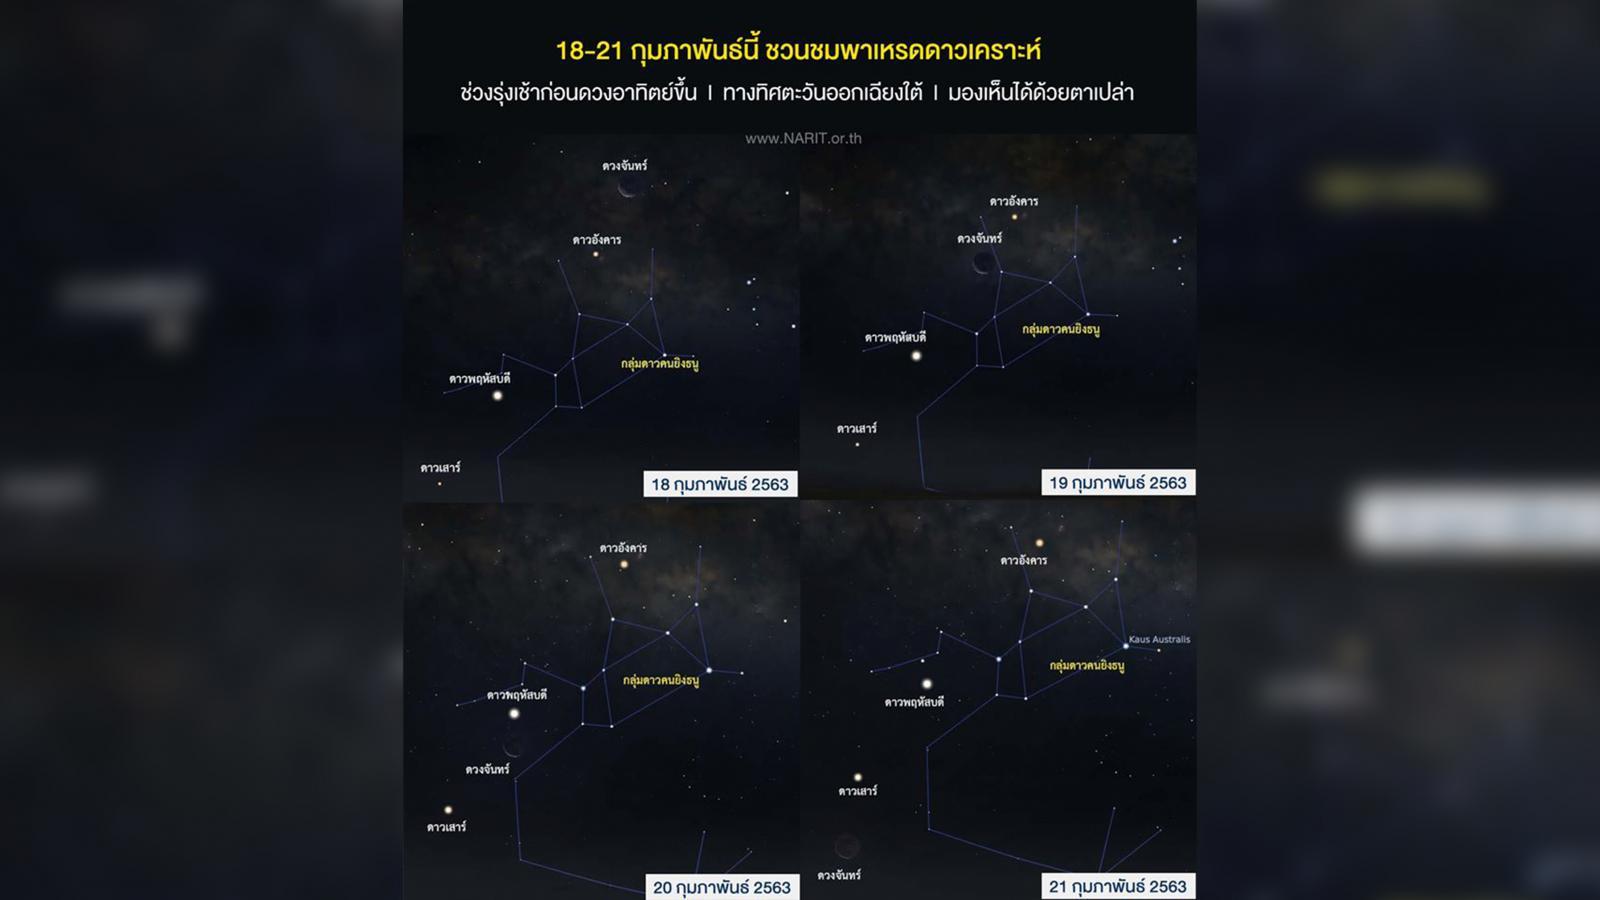 """สดร.ชวนดู""""พาเหรดดาวเคราะห์"""" ช่วงเช้ามืด18-21 ก.พ.นี้"""